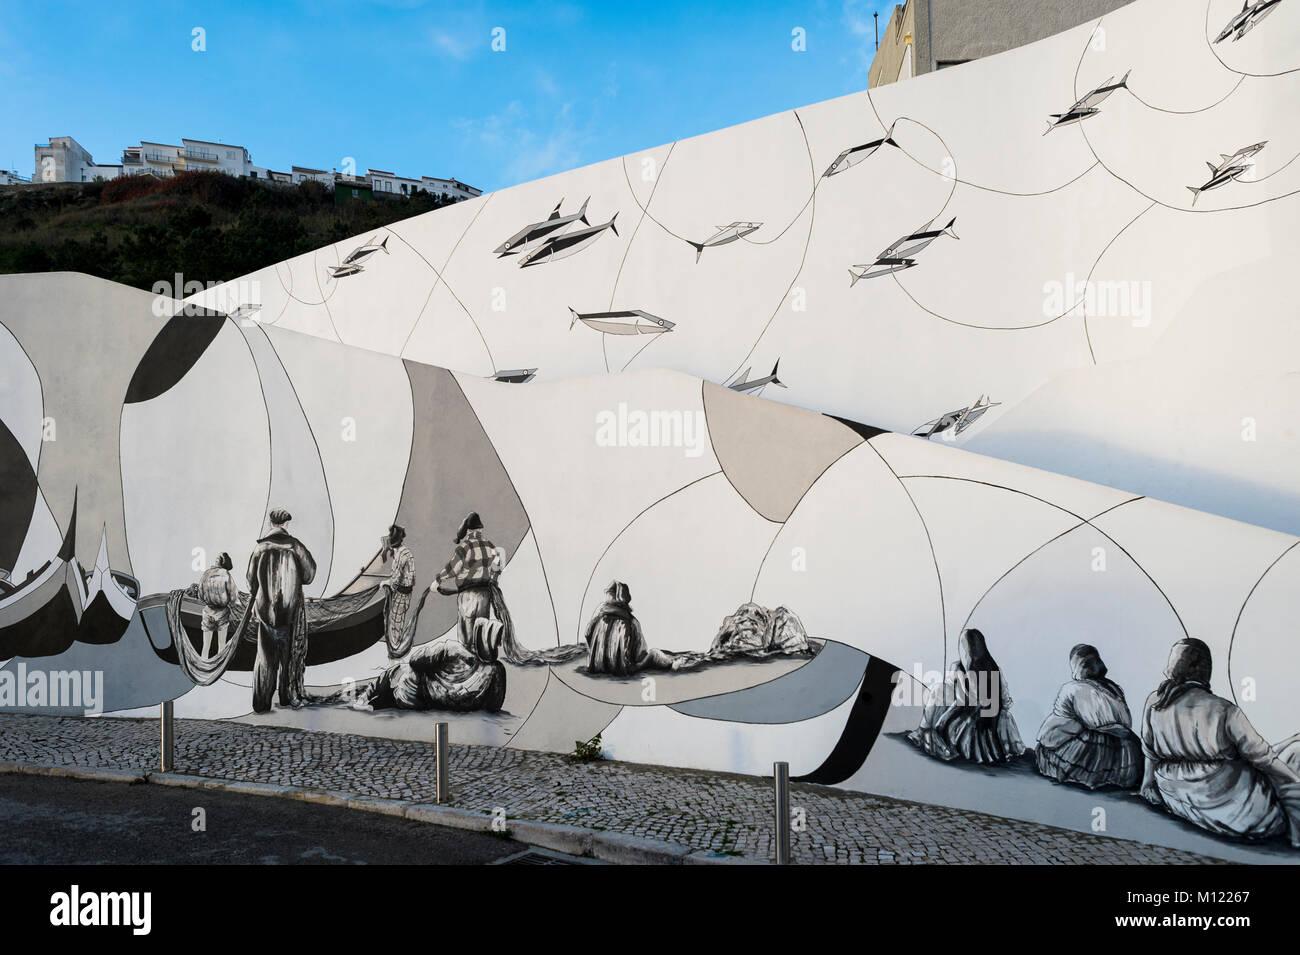 Weiße Wand mit gemalten Wandbild durch Filipe Ferreria, die die Geschichte von Nazare ein Fischerdorf in Portugal. Stockbild